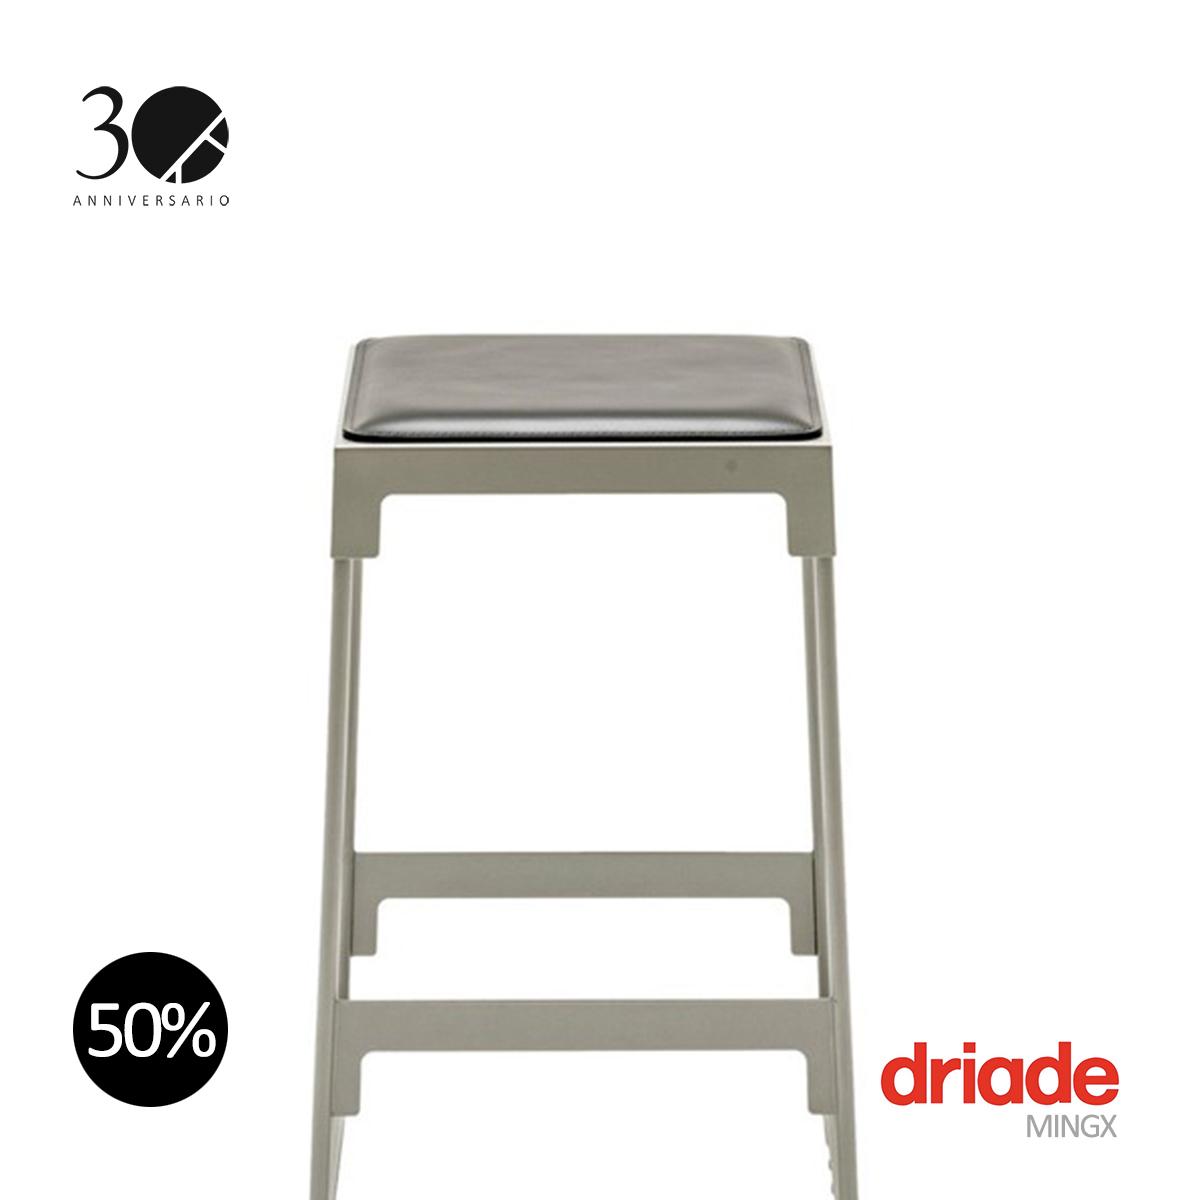 DRIADE - MINGX